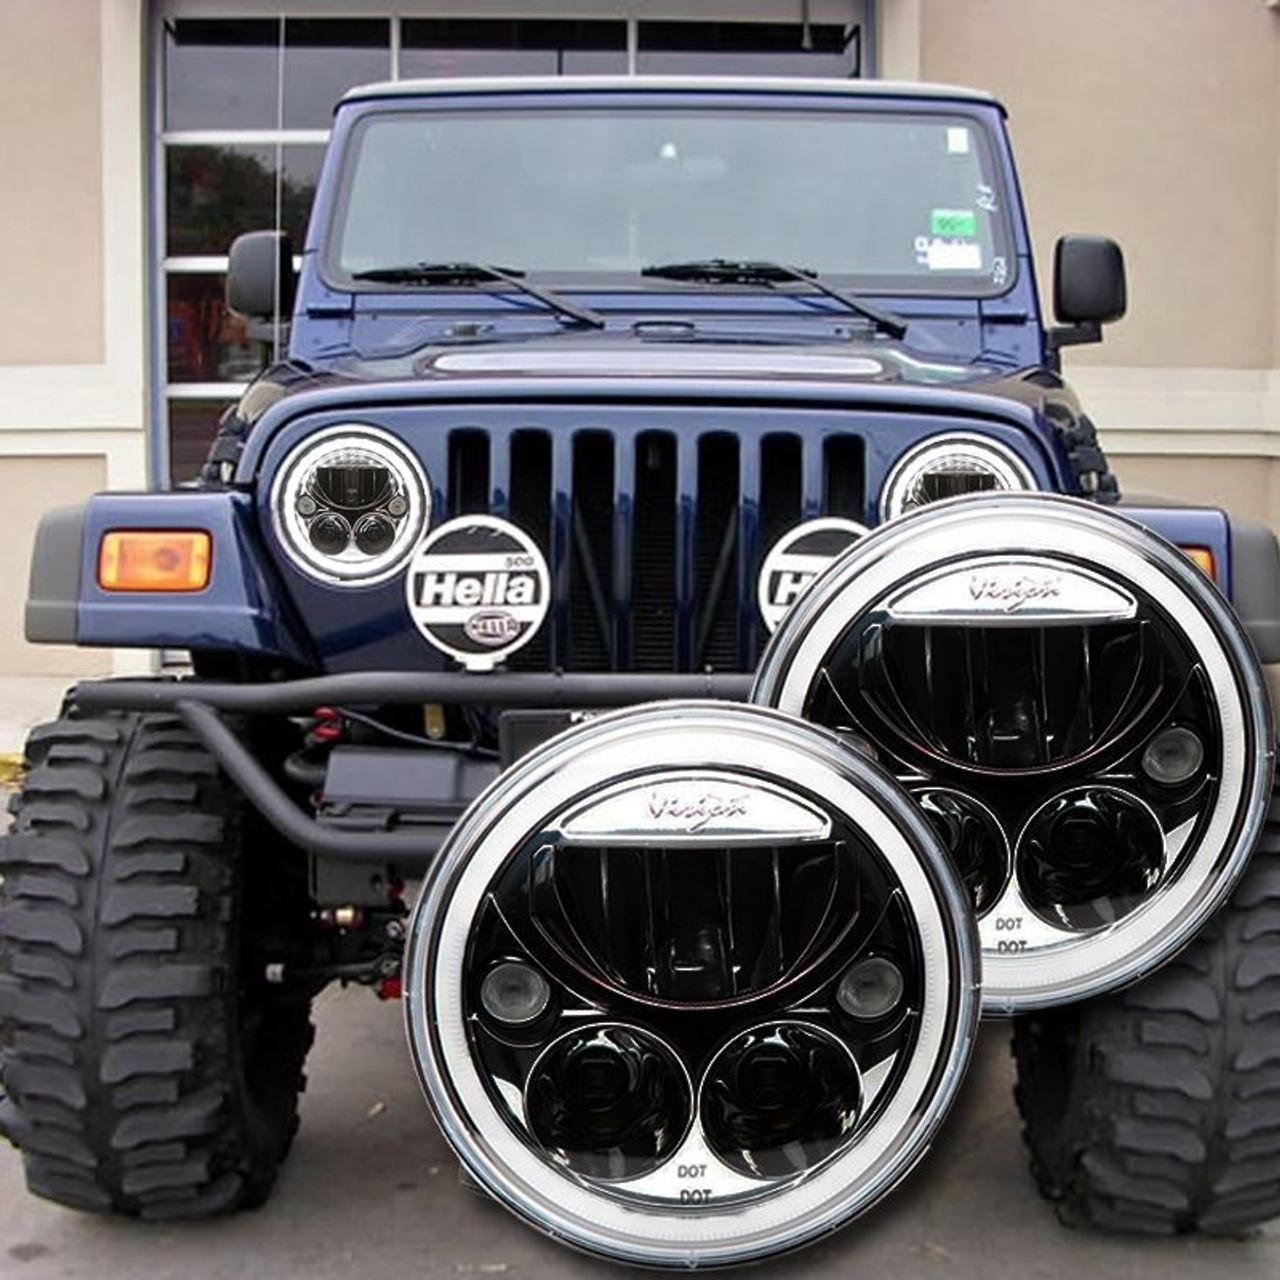 1996 2006 Jeep Wrangler TJ LED Headlight Kit BLACK